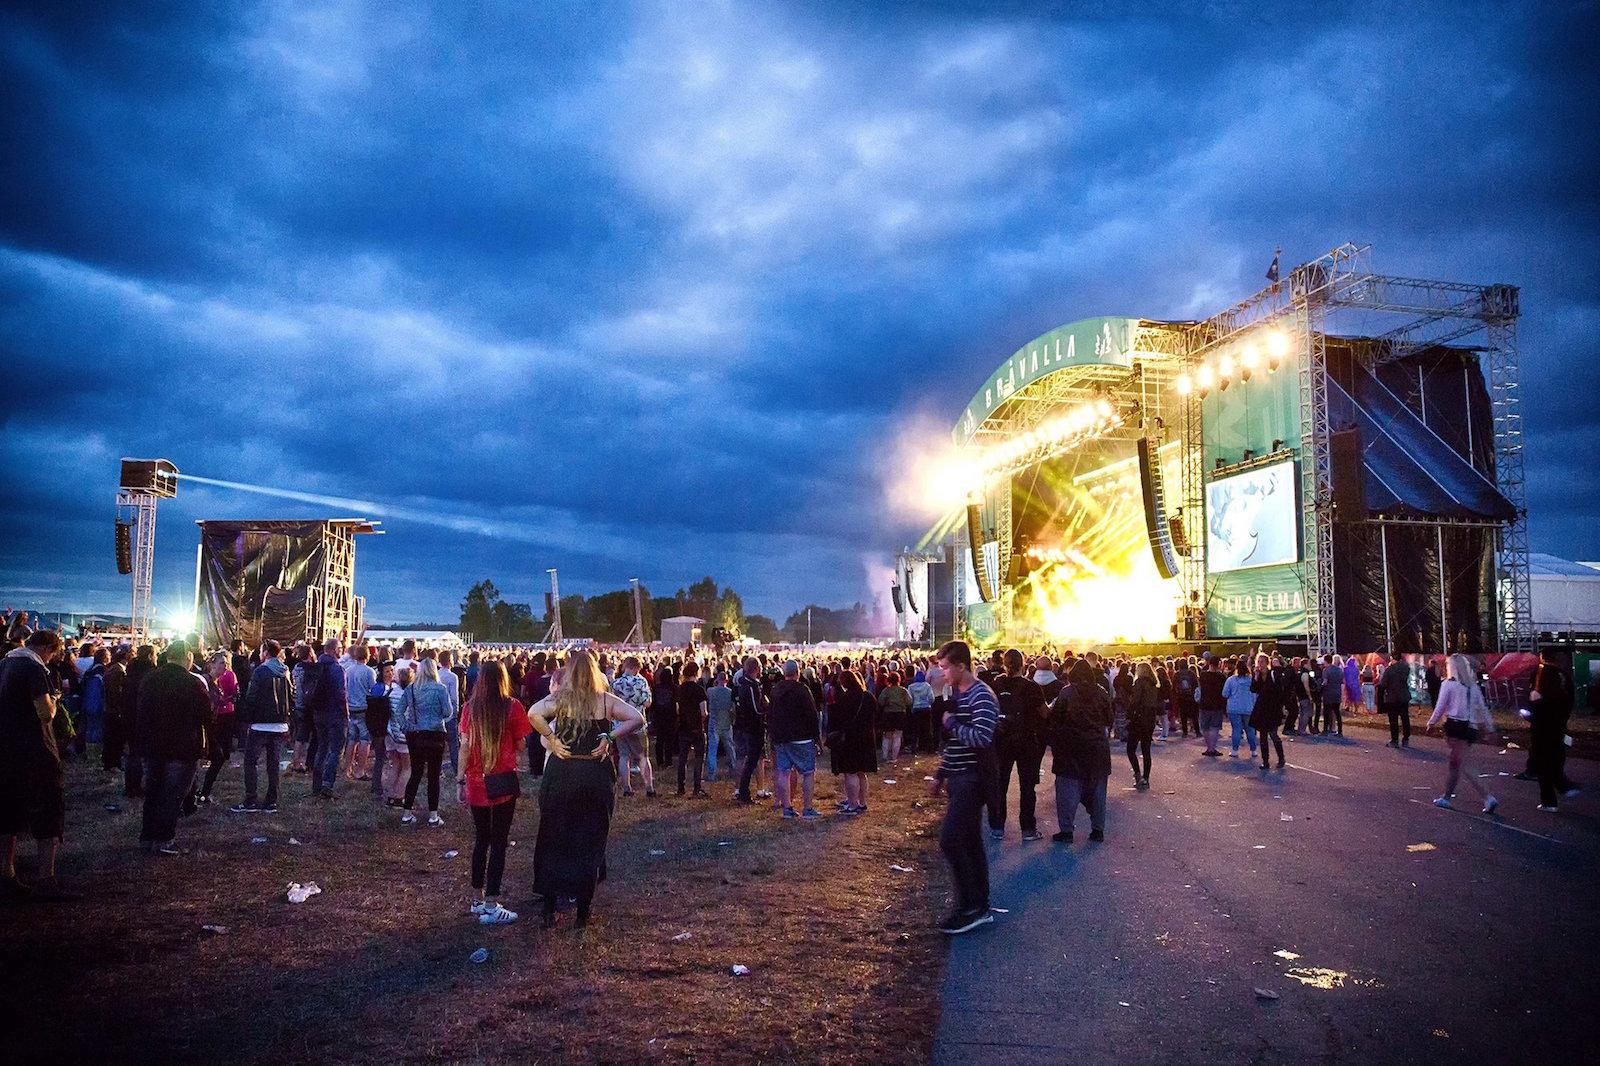 Estupros e Assédios Cancelam O Maior Festival da Suécia